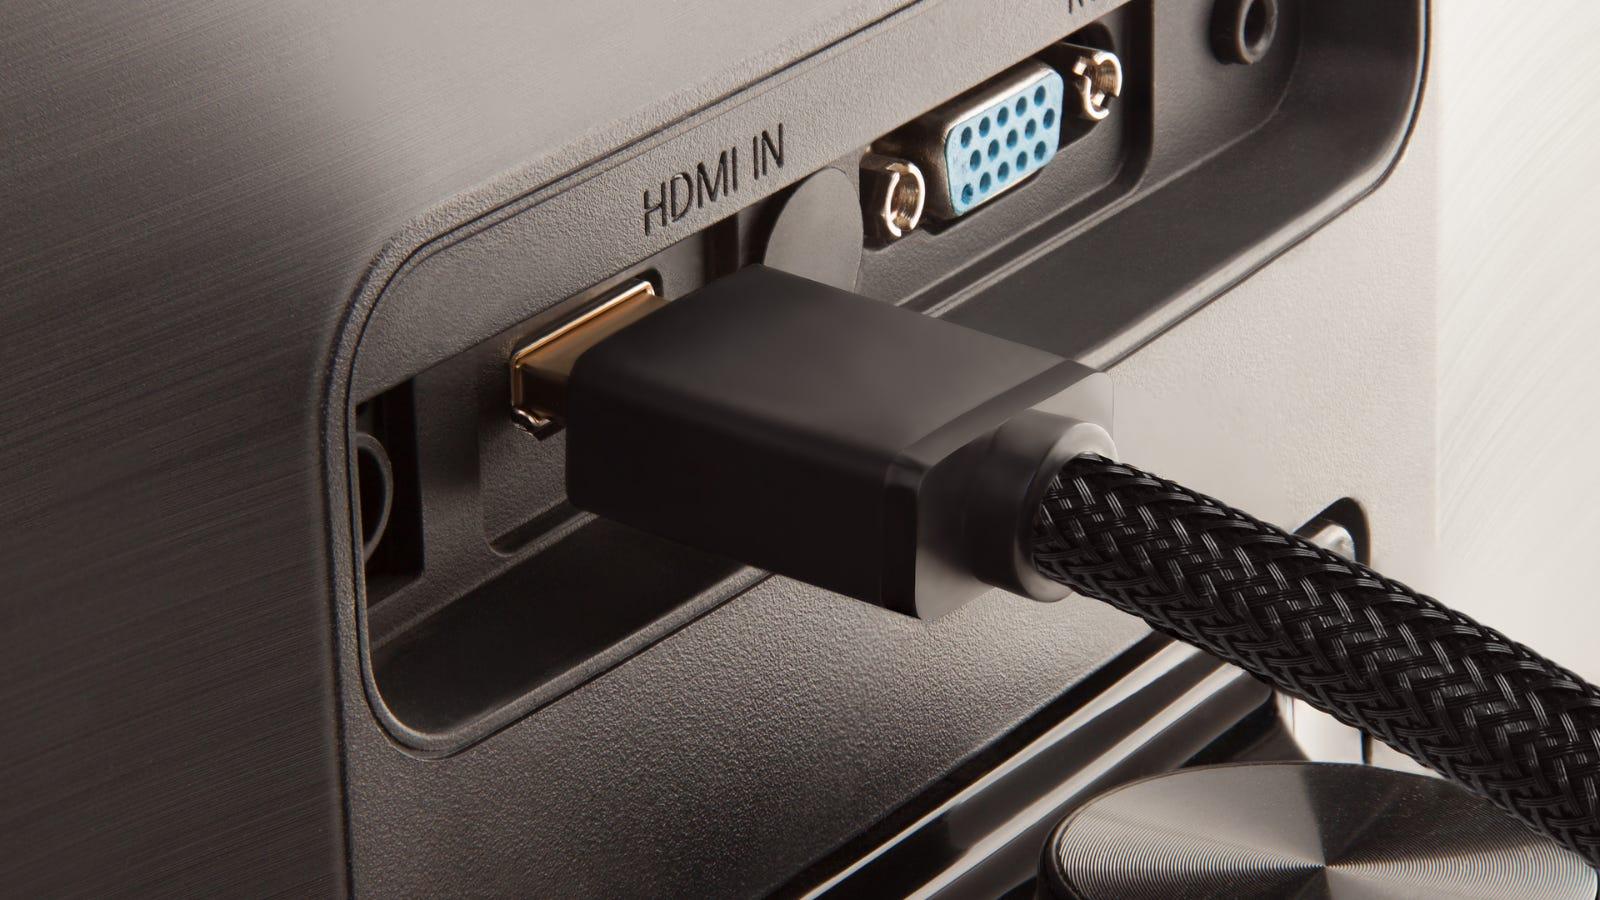 Cavo HDMI che entra nella porta sul retro del monitor